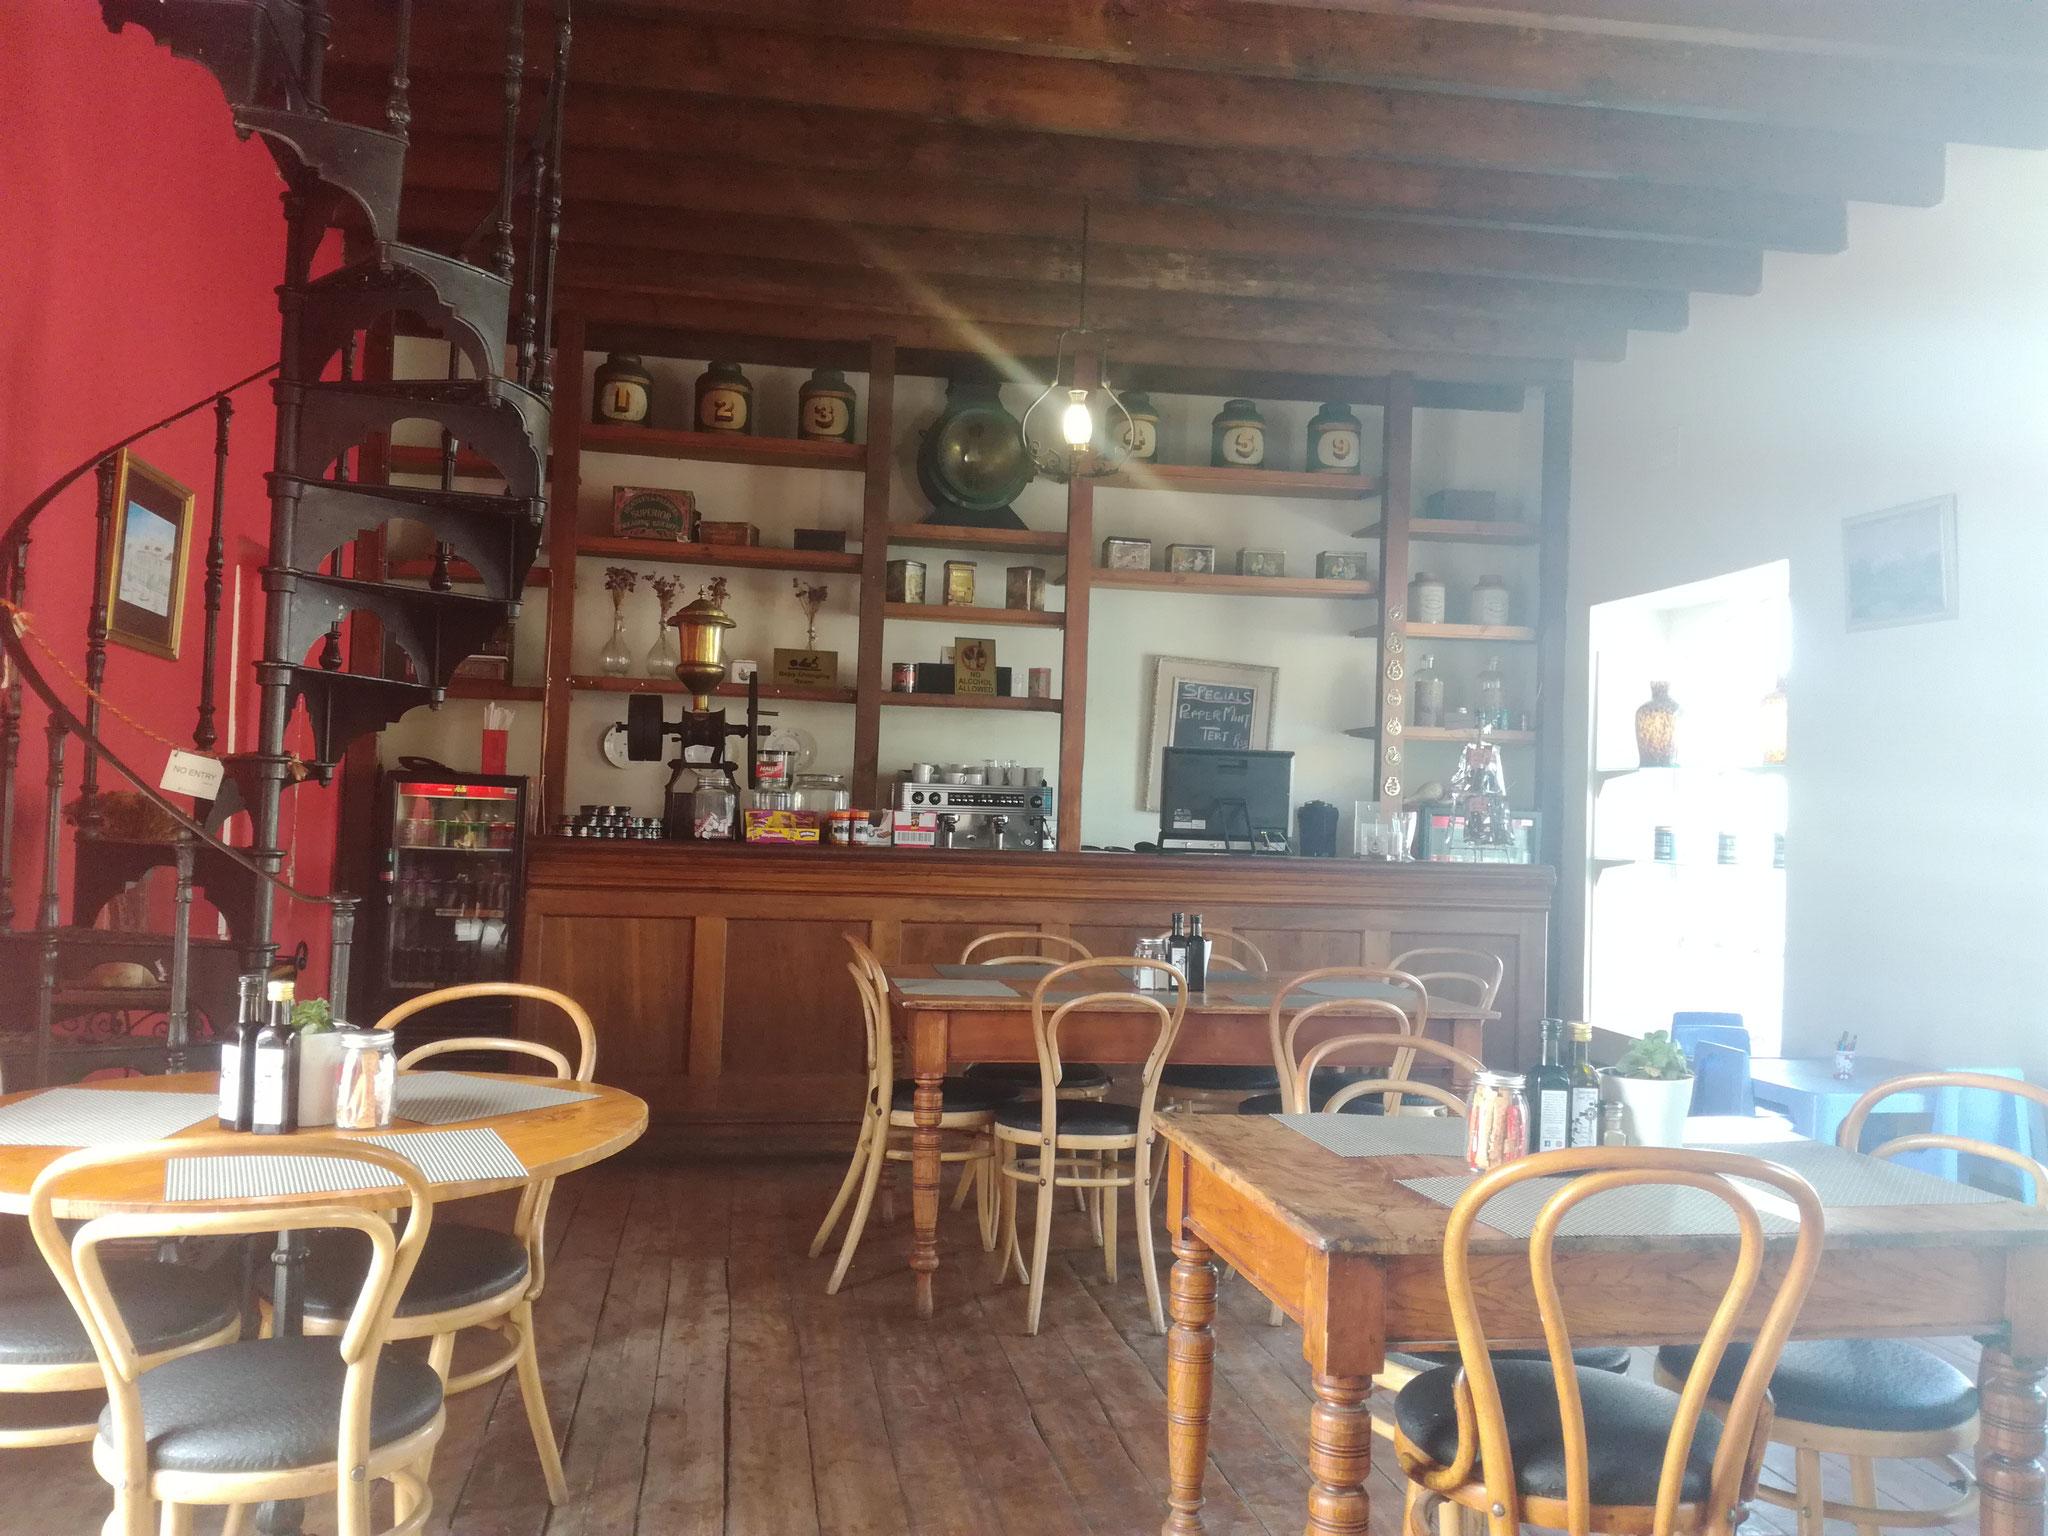 Cafè in Matjiesfontein